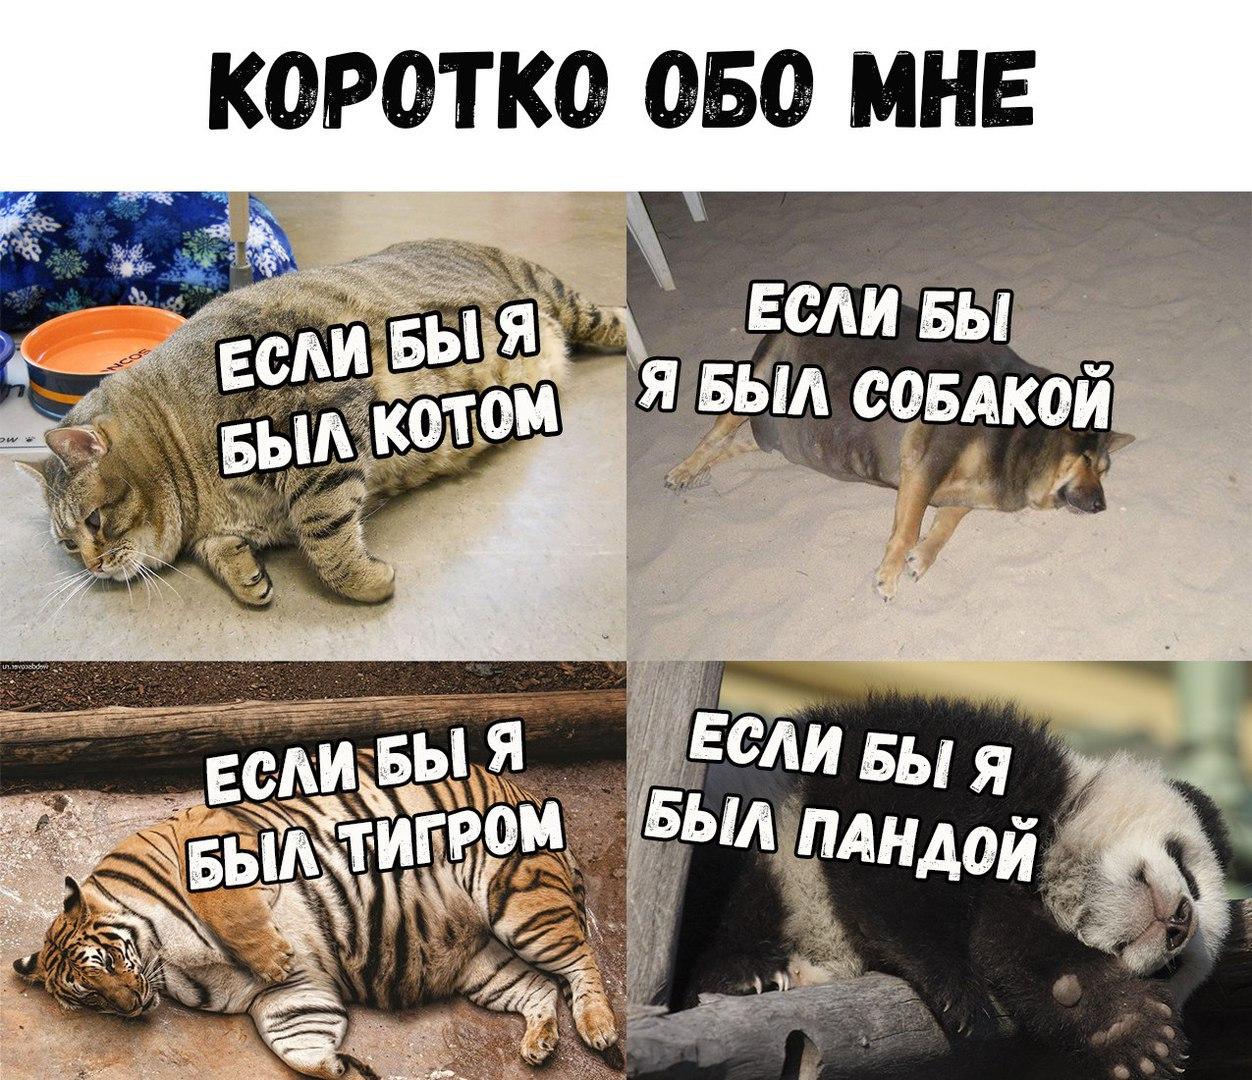 O5VsklGDysQ.jpg